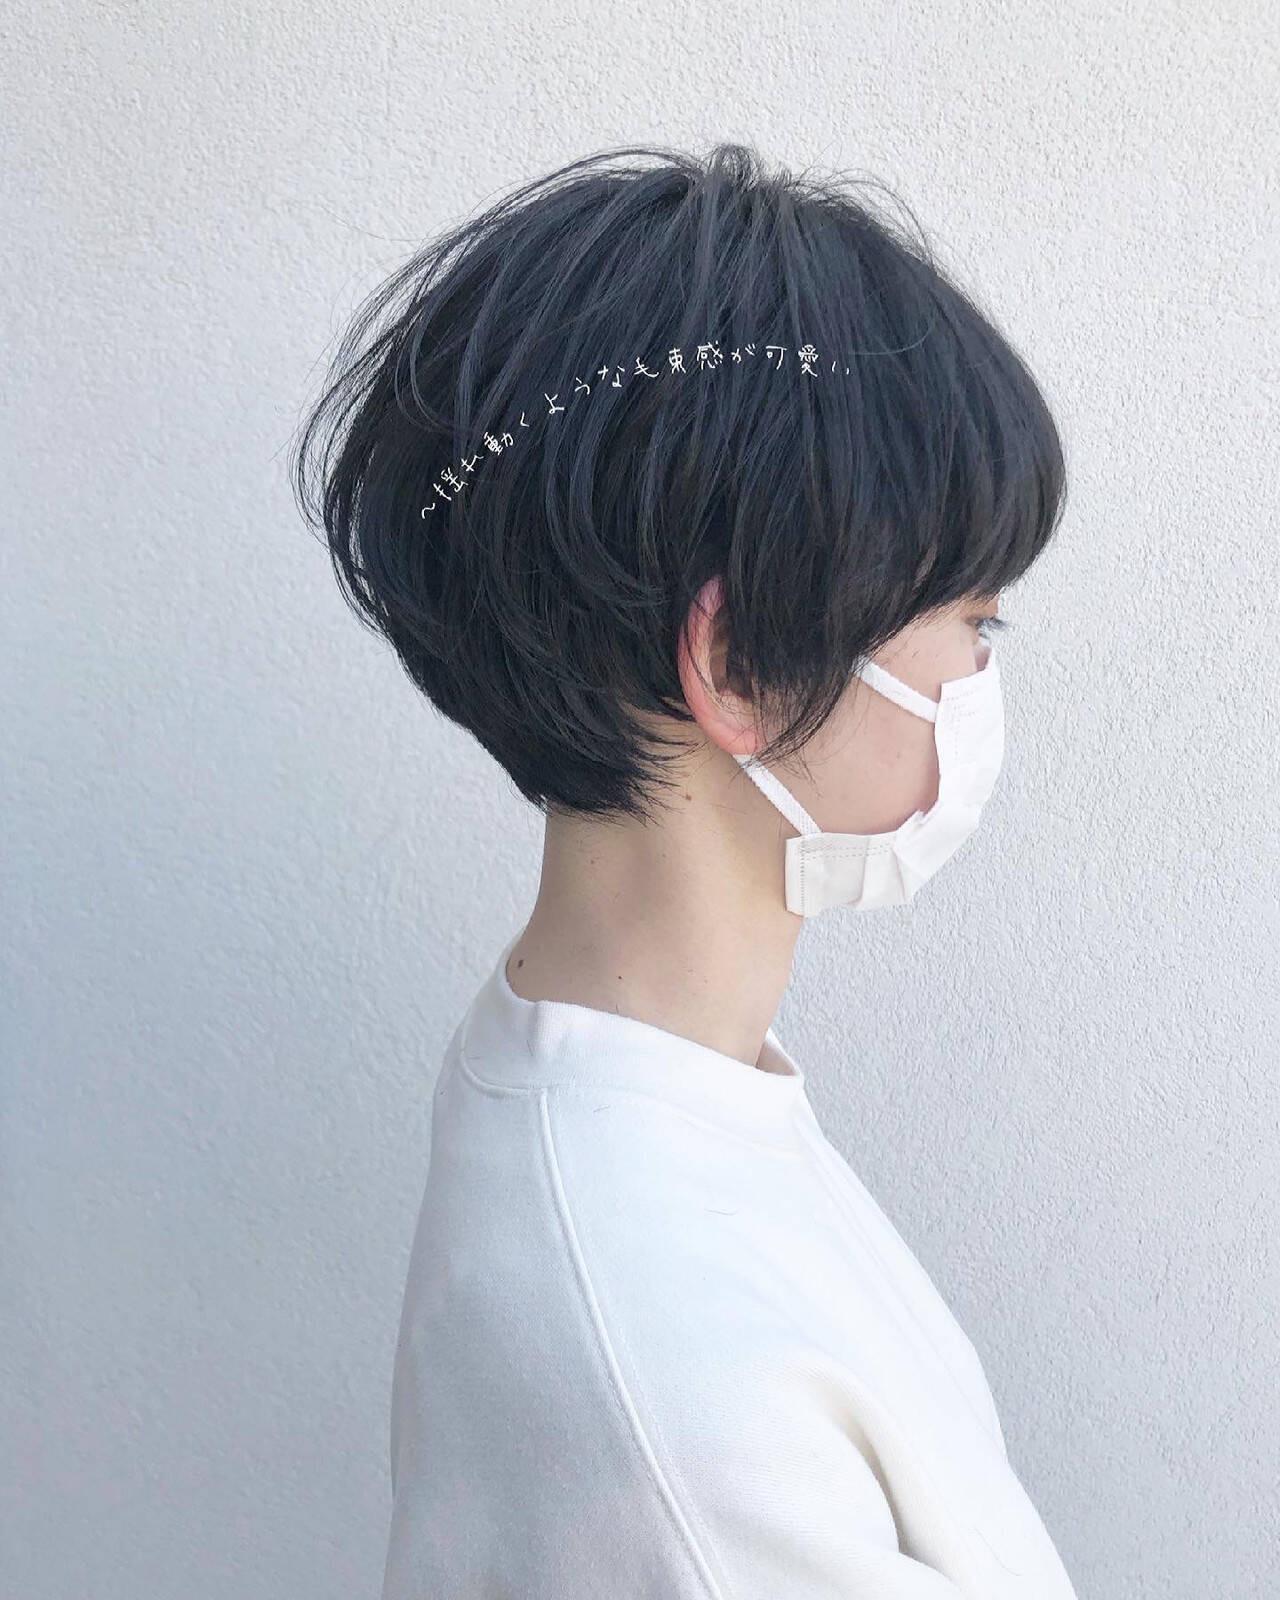 関 航大 | ex-turban 美容室 伊那